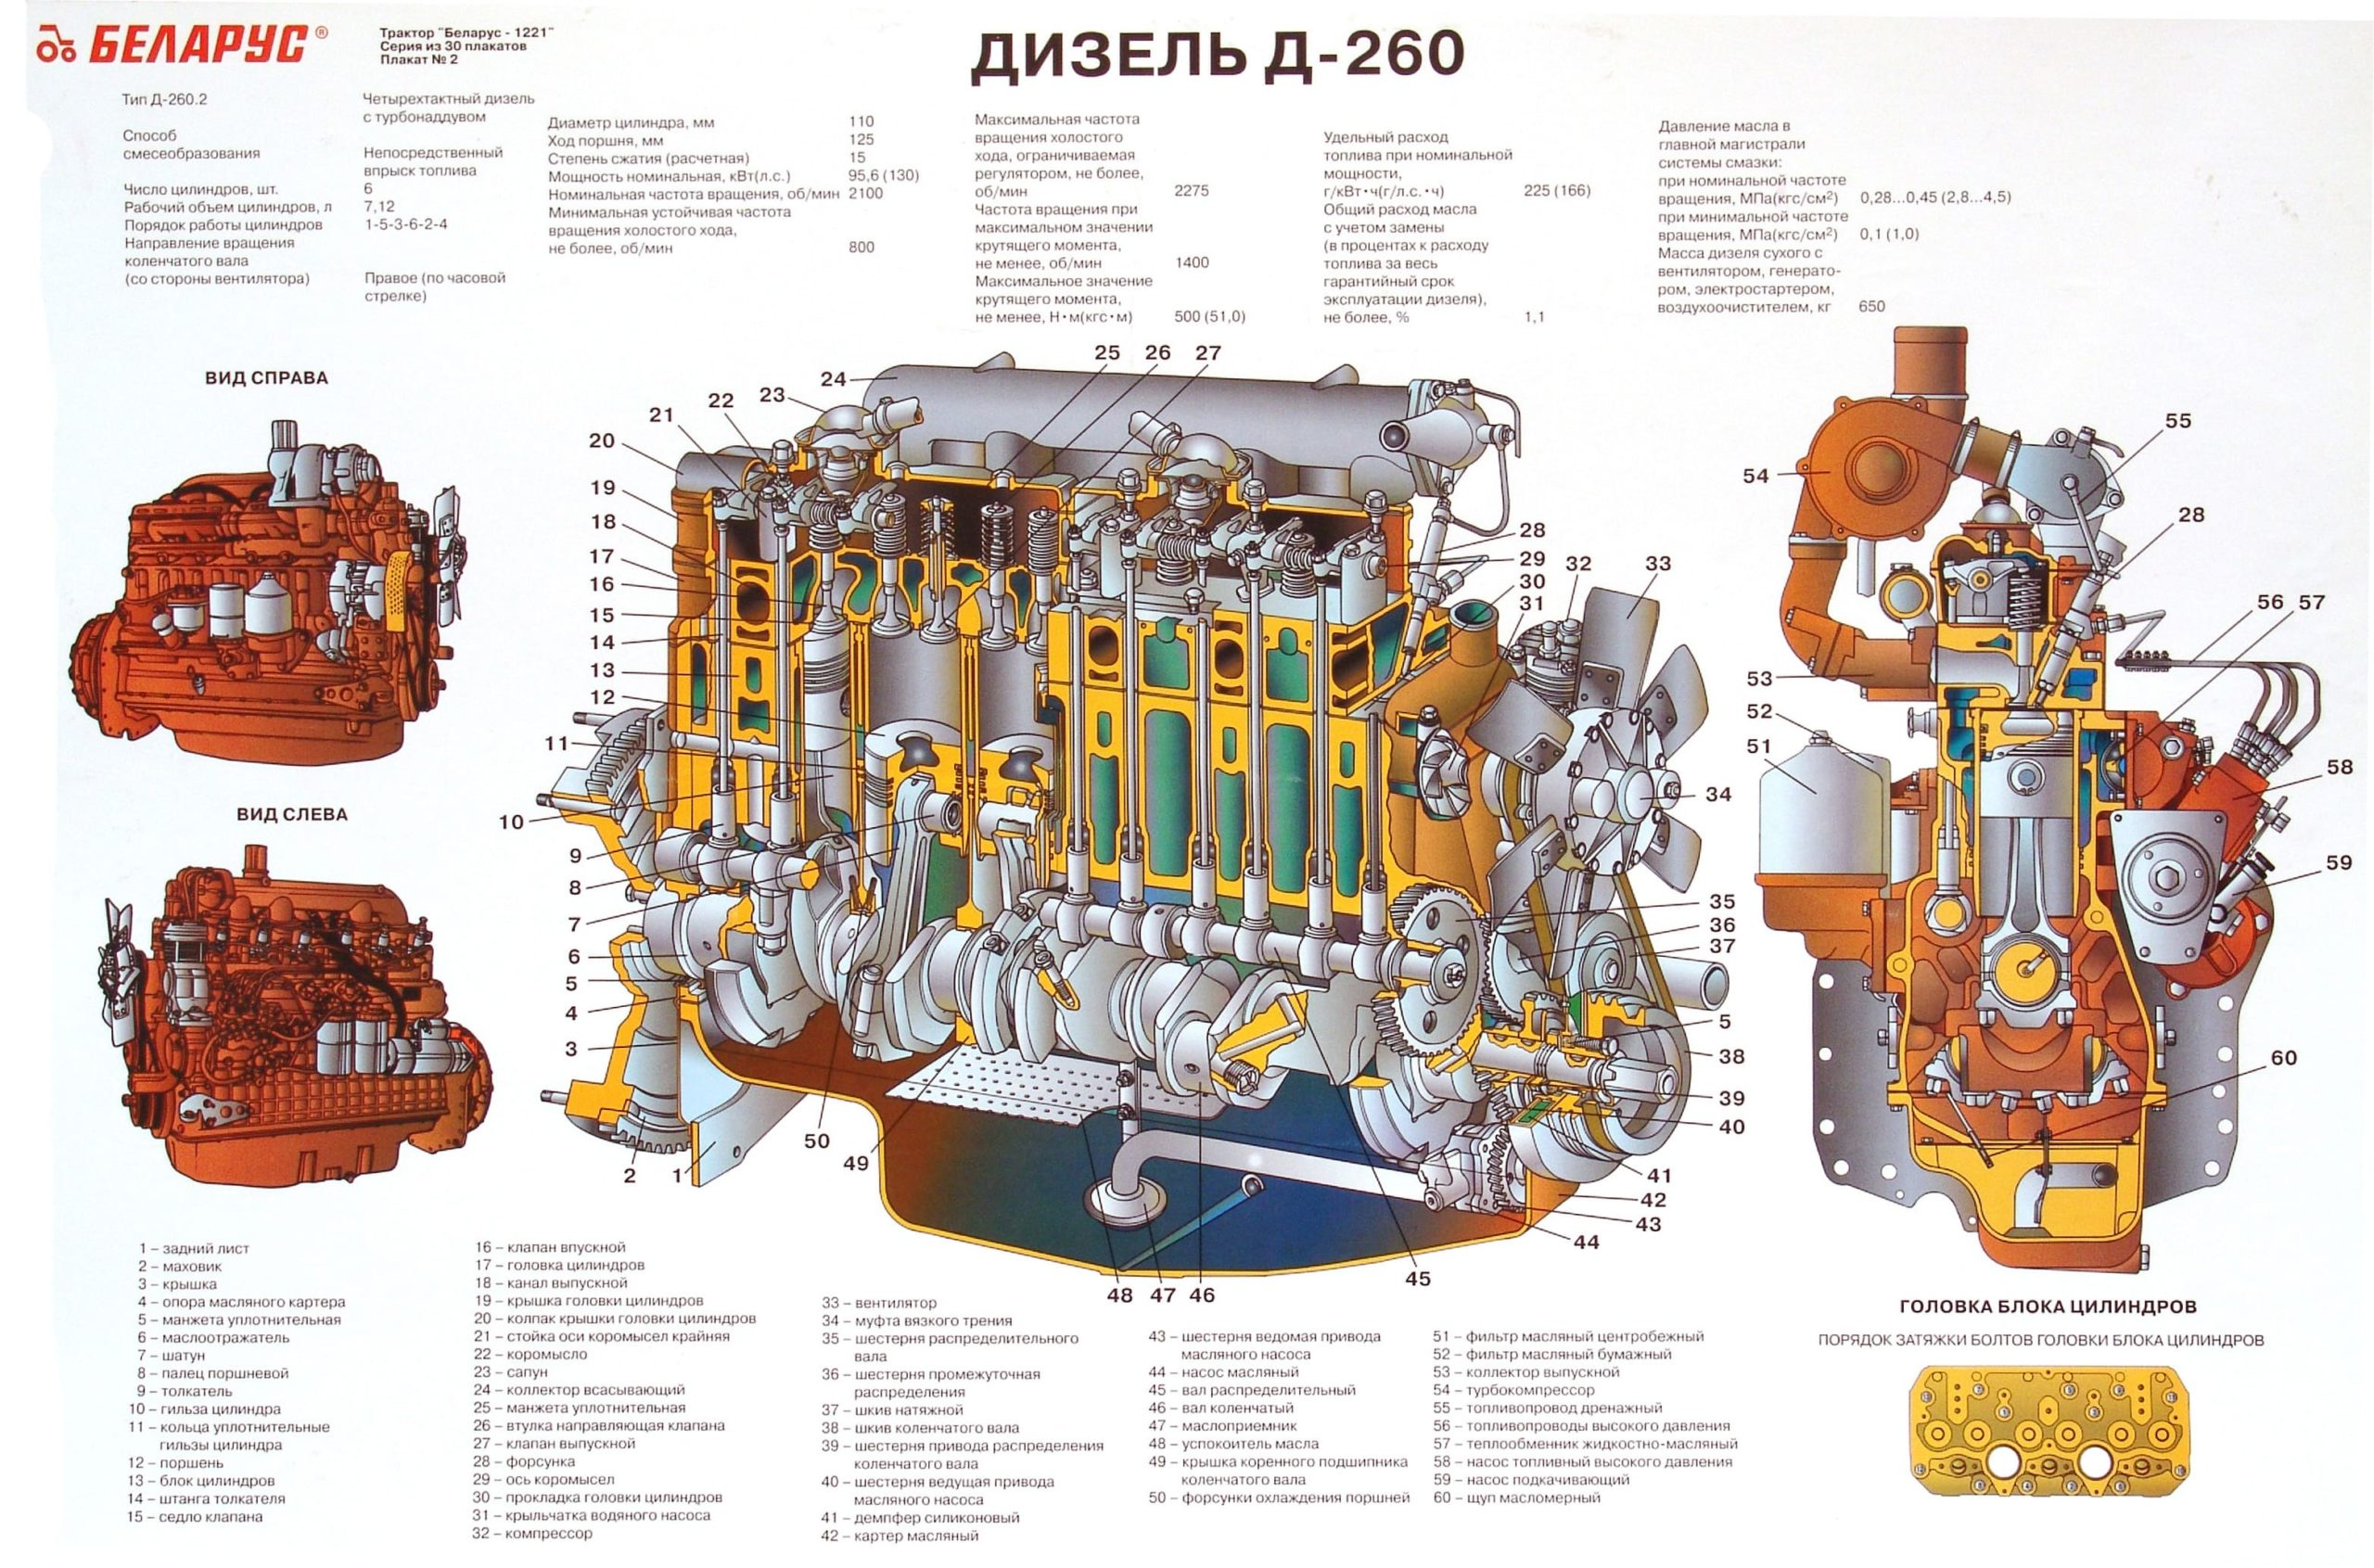 Дизель Д-260 Беларус